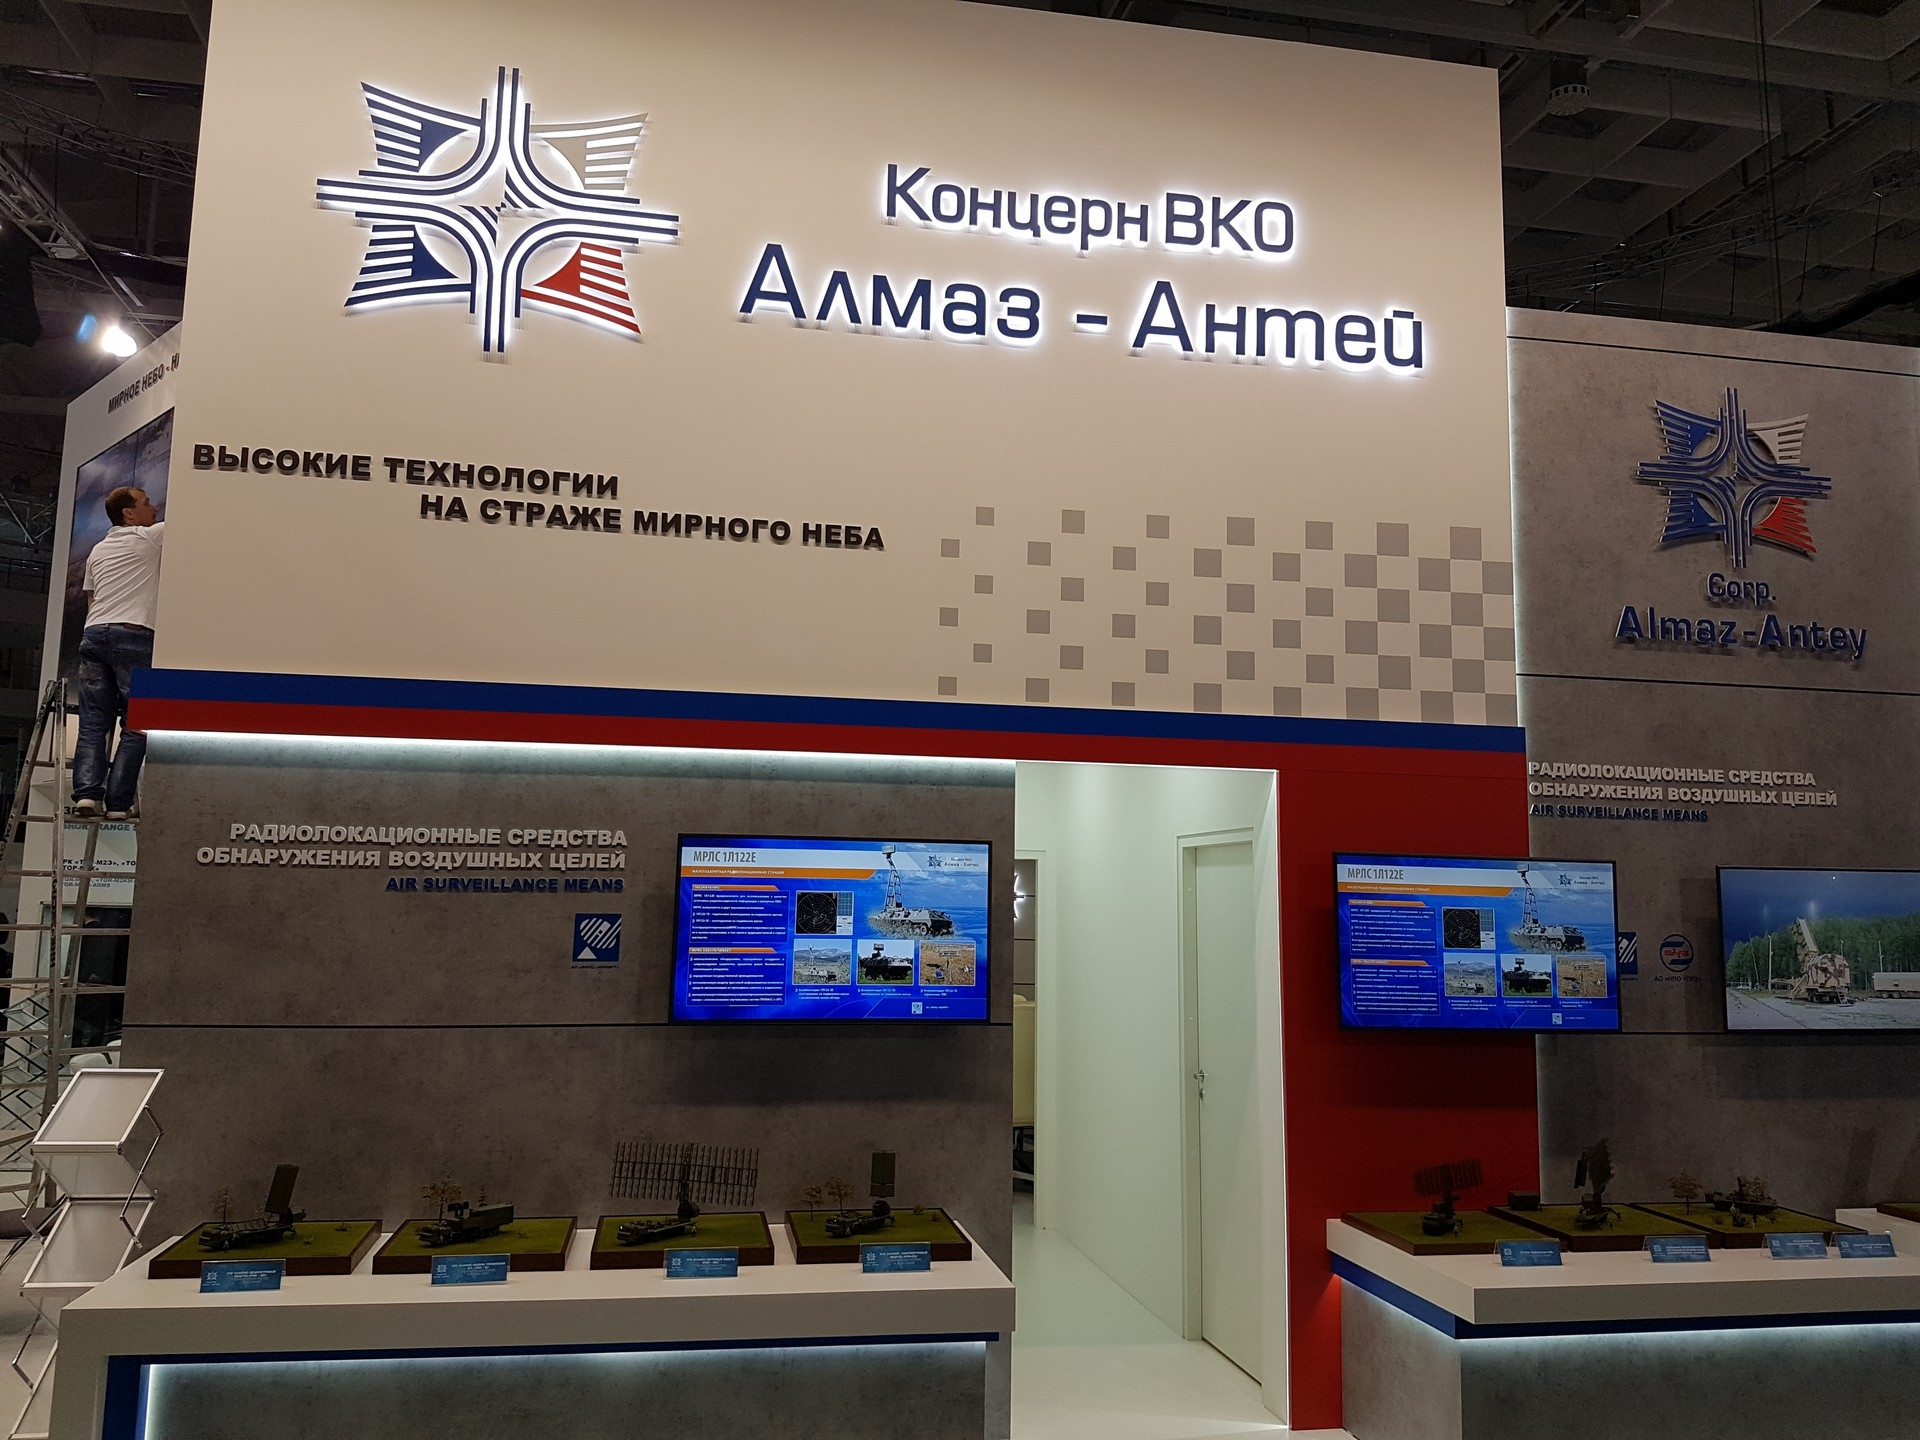 Концерн «Алмаз-Антей» примет участие в Международной выставке вооружения KADEX-2018